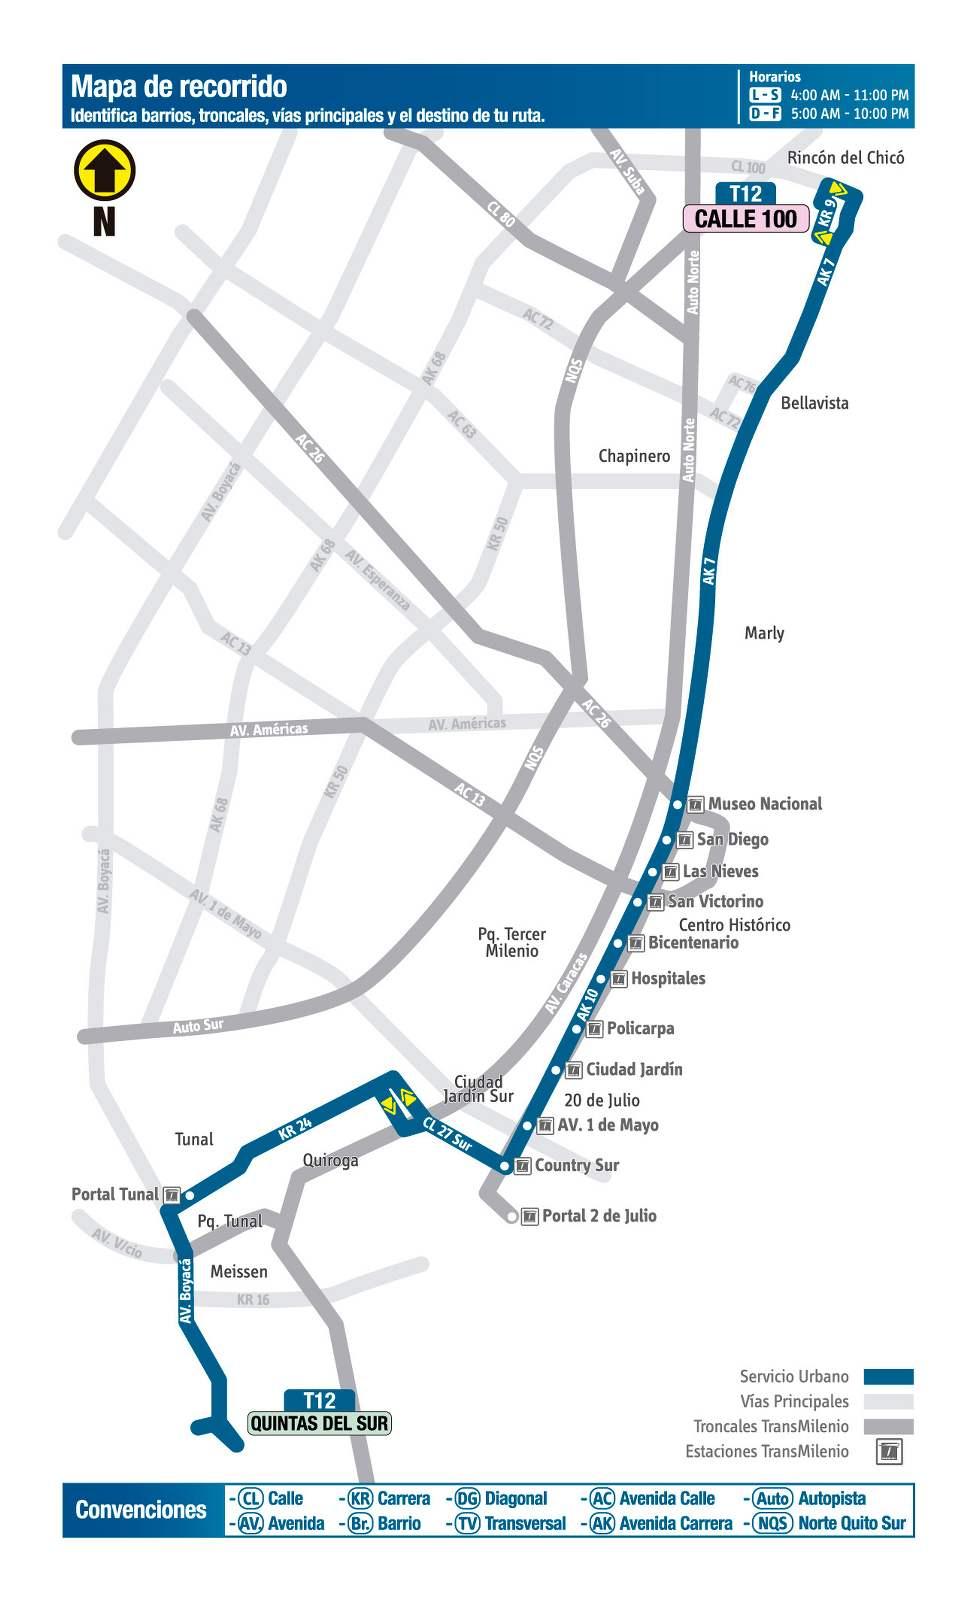 Ruta SITP: T12 Quintas del Sur ↔ Calle 100 (mapa)